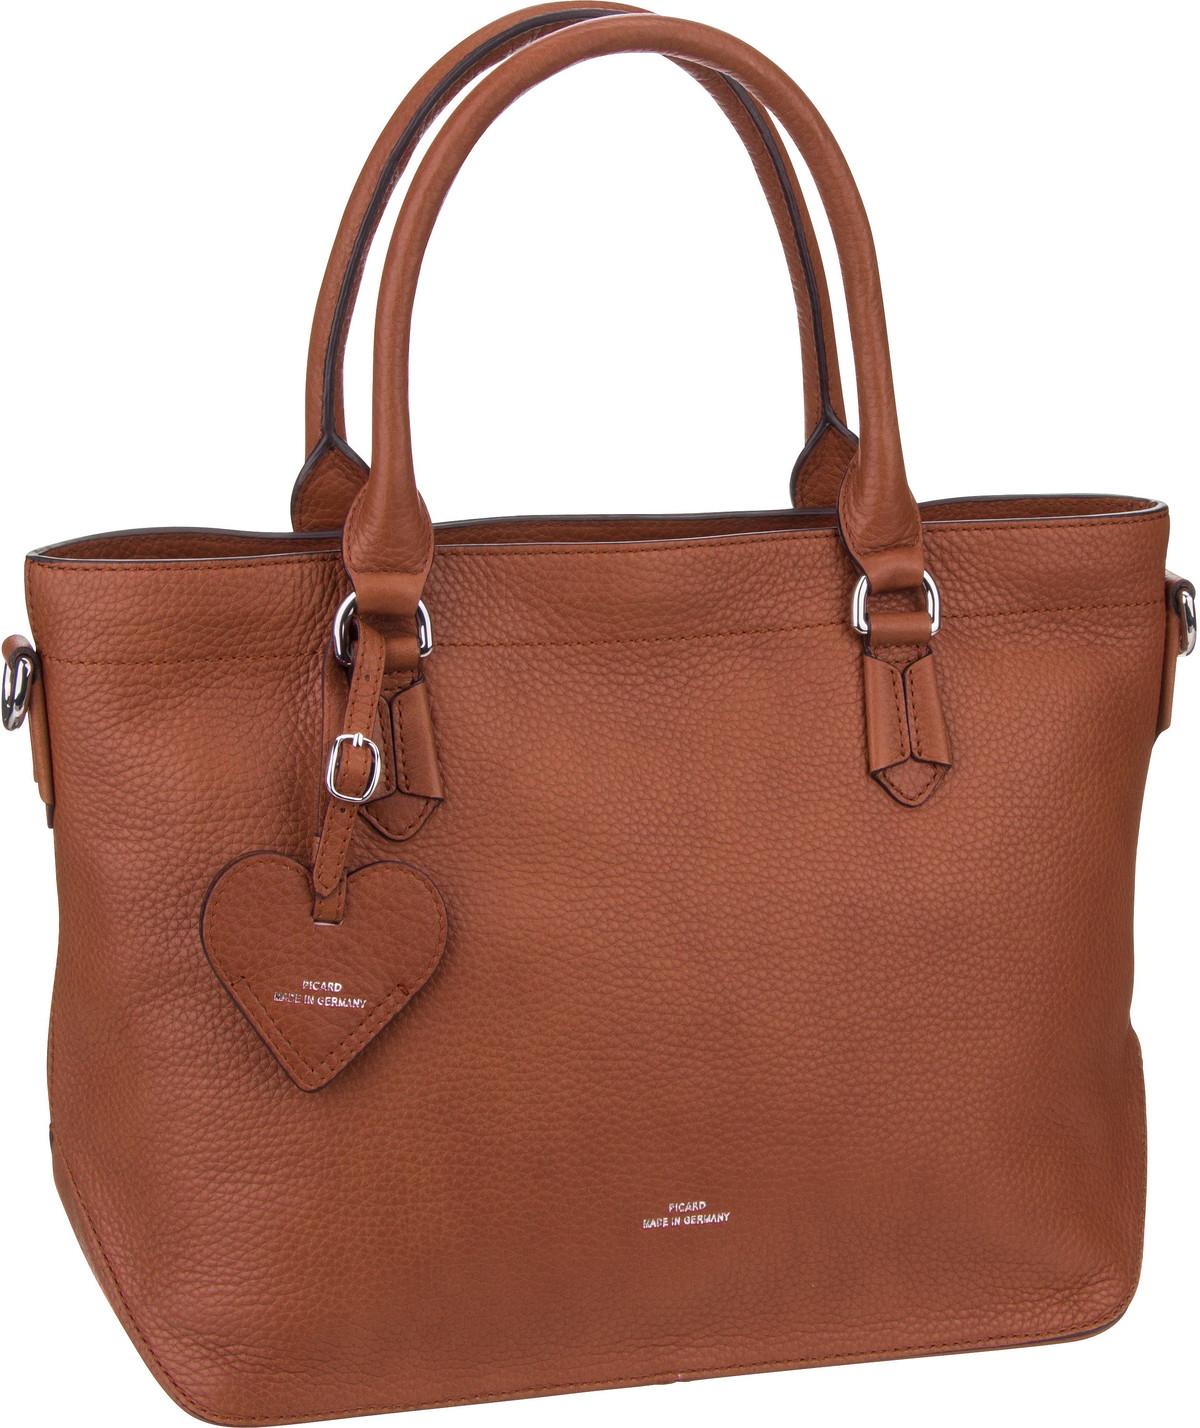 Handtasche Juliette 4860 Cognac